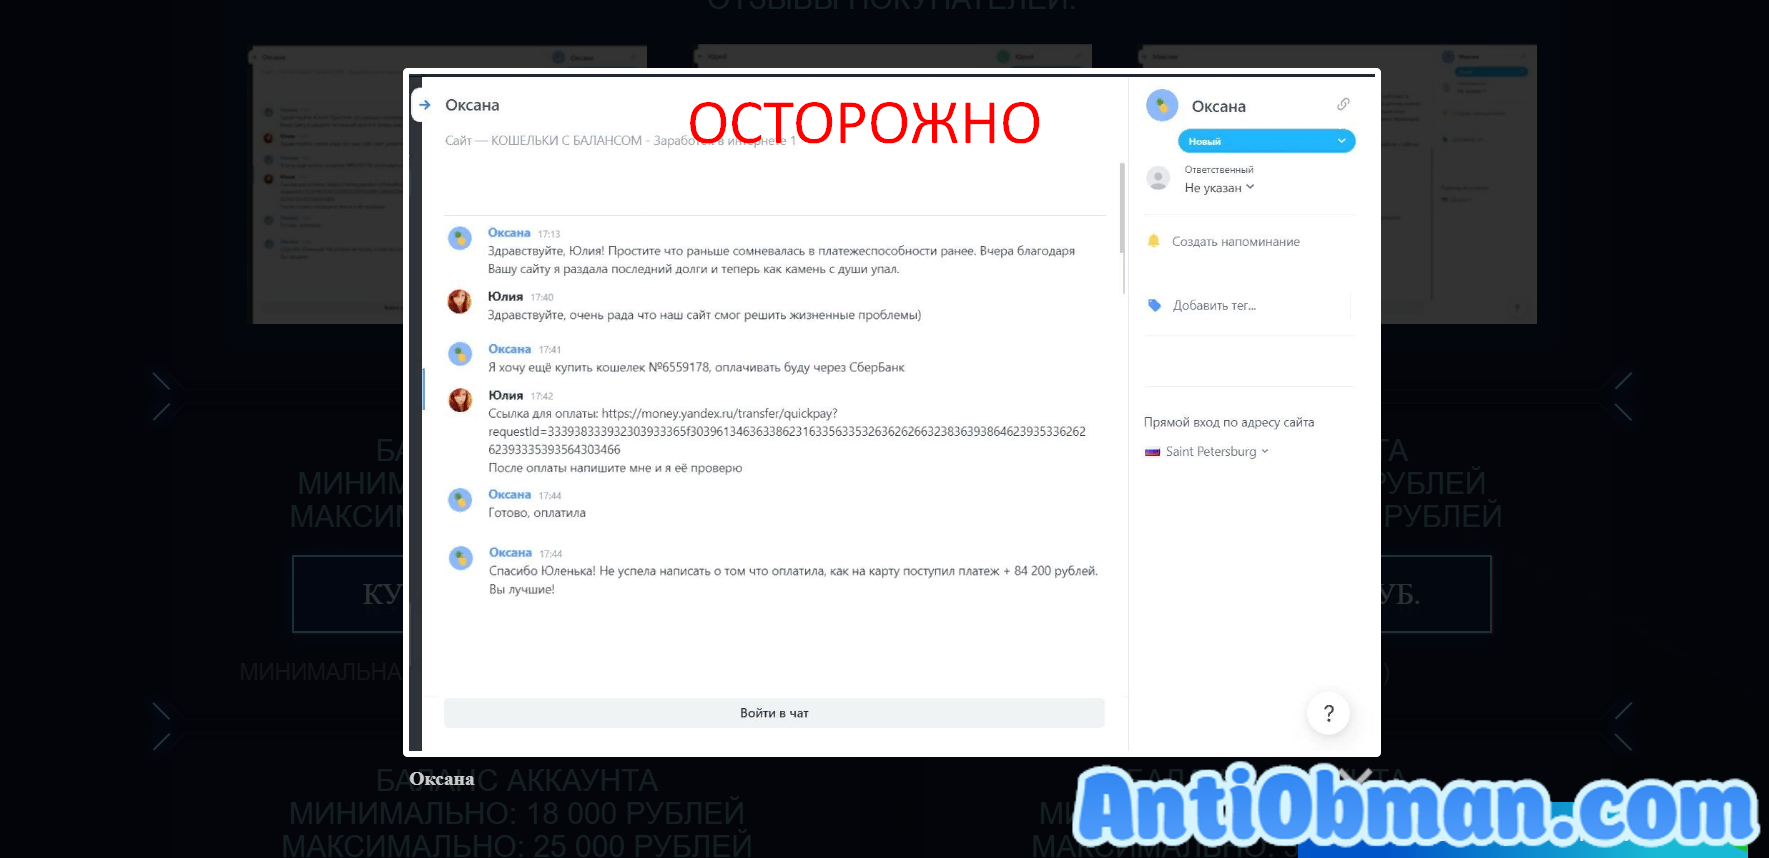 Svyaznoy.club - отзывы. Заработок в интернете №1 или обман?